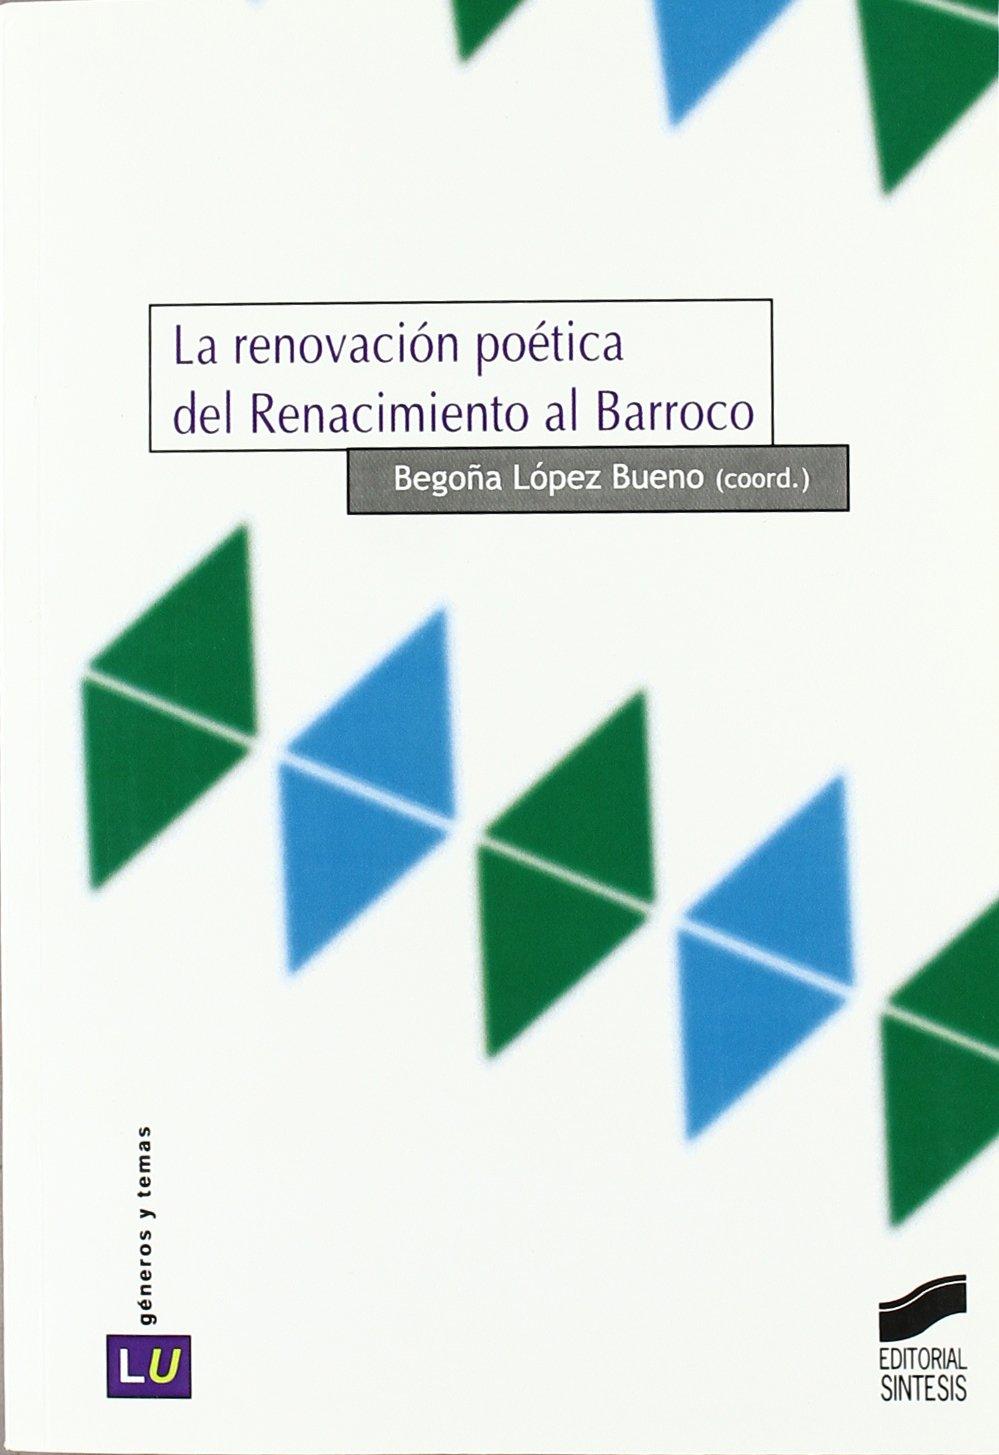 La renovación poética del Renacimiento al barroco: 17 Historia de la literatura universal: Amazon.es: López Bueno, Begoña: Libros